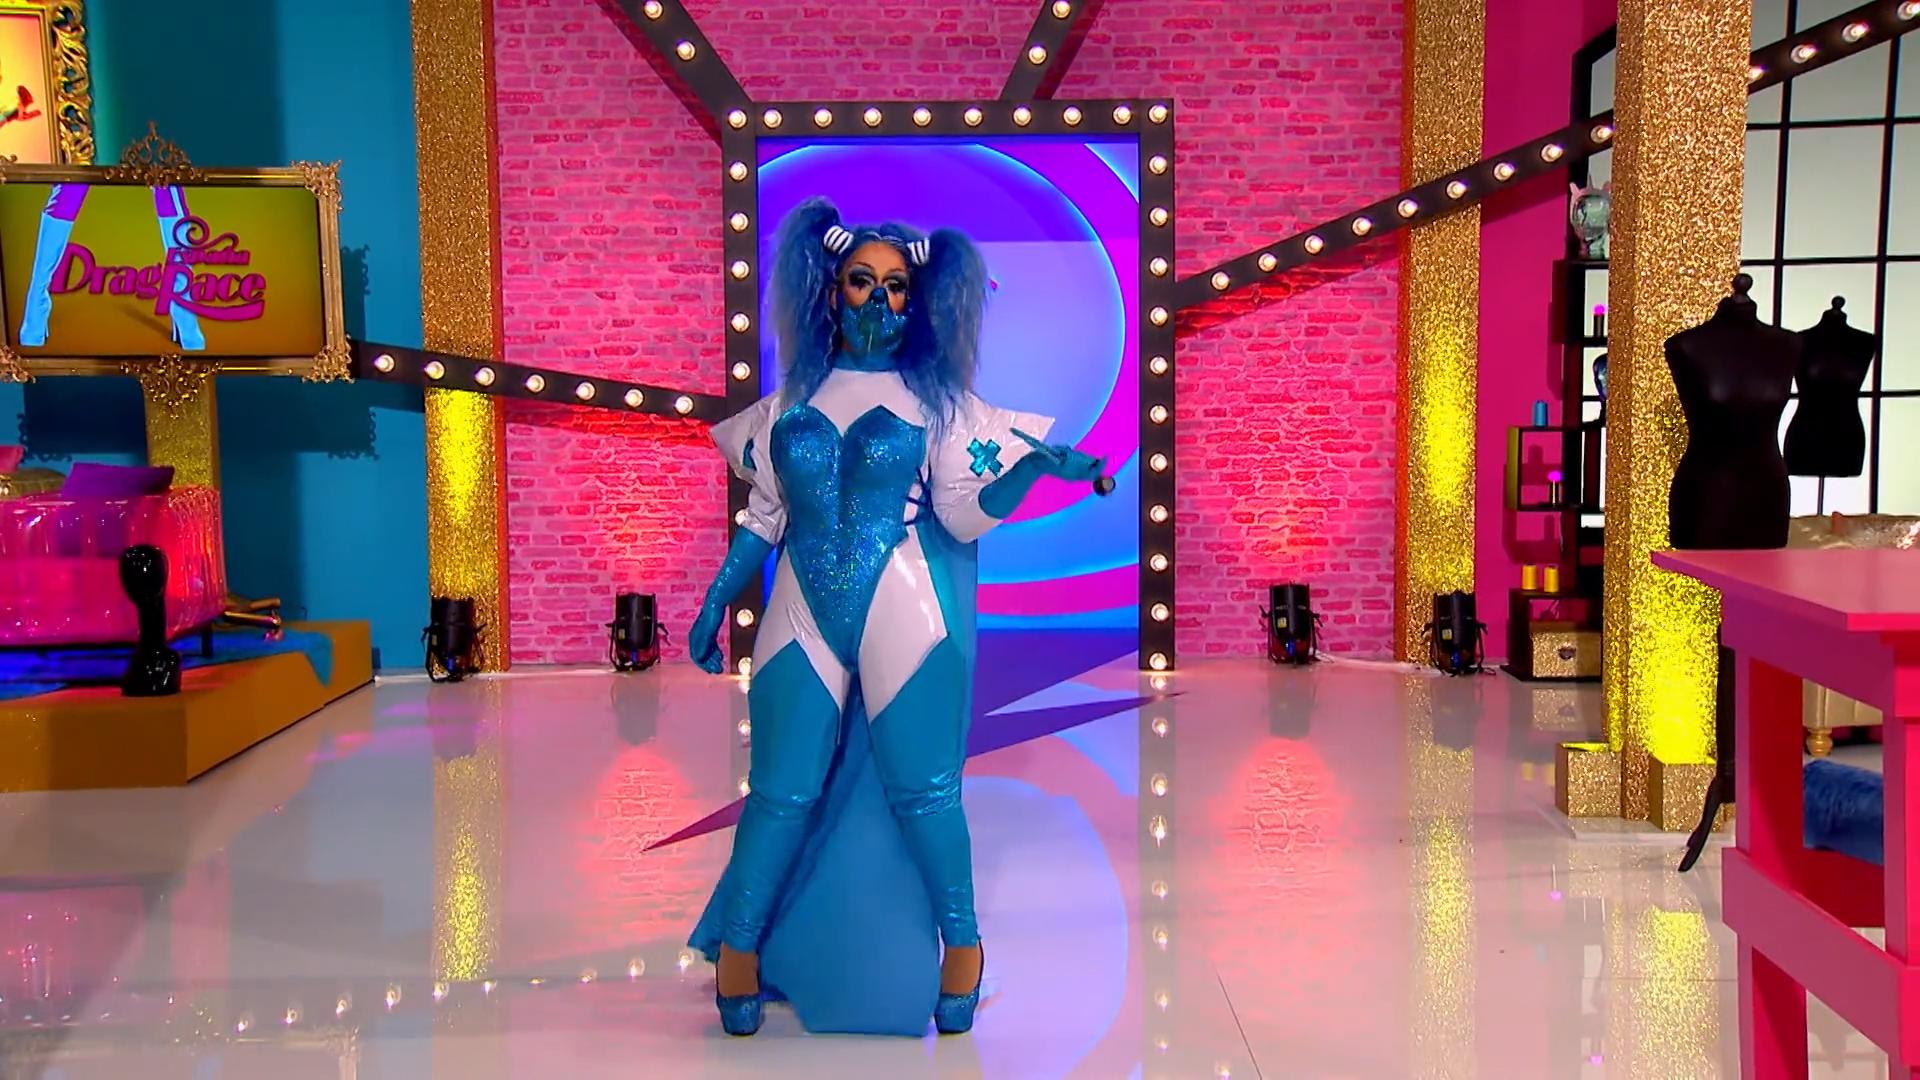 Cena de Drag Race España. Nela, vemos a drag queen Killer Queen. Ela é branca, usa roupa azul e uma peruca da mesma cor. Ela posa no Ateliê, com uma mão solta e a outra rente ao corpo.